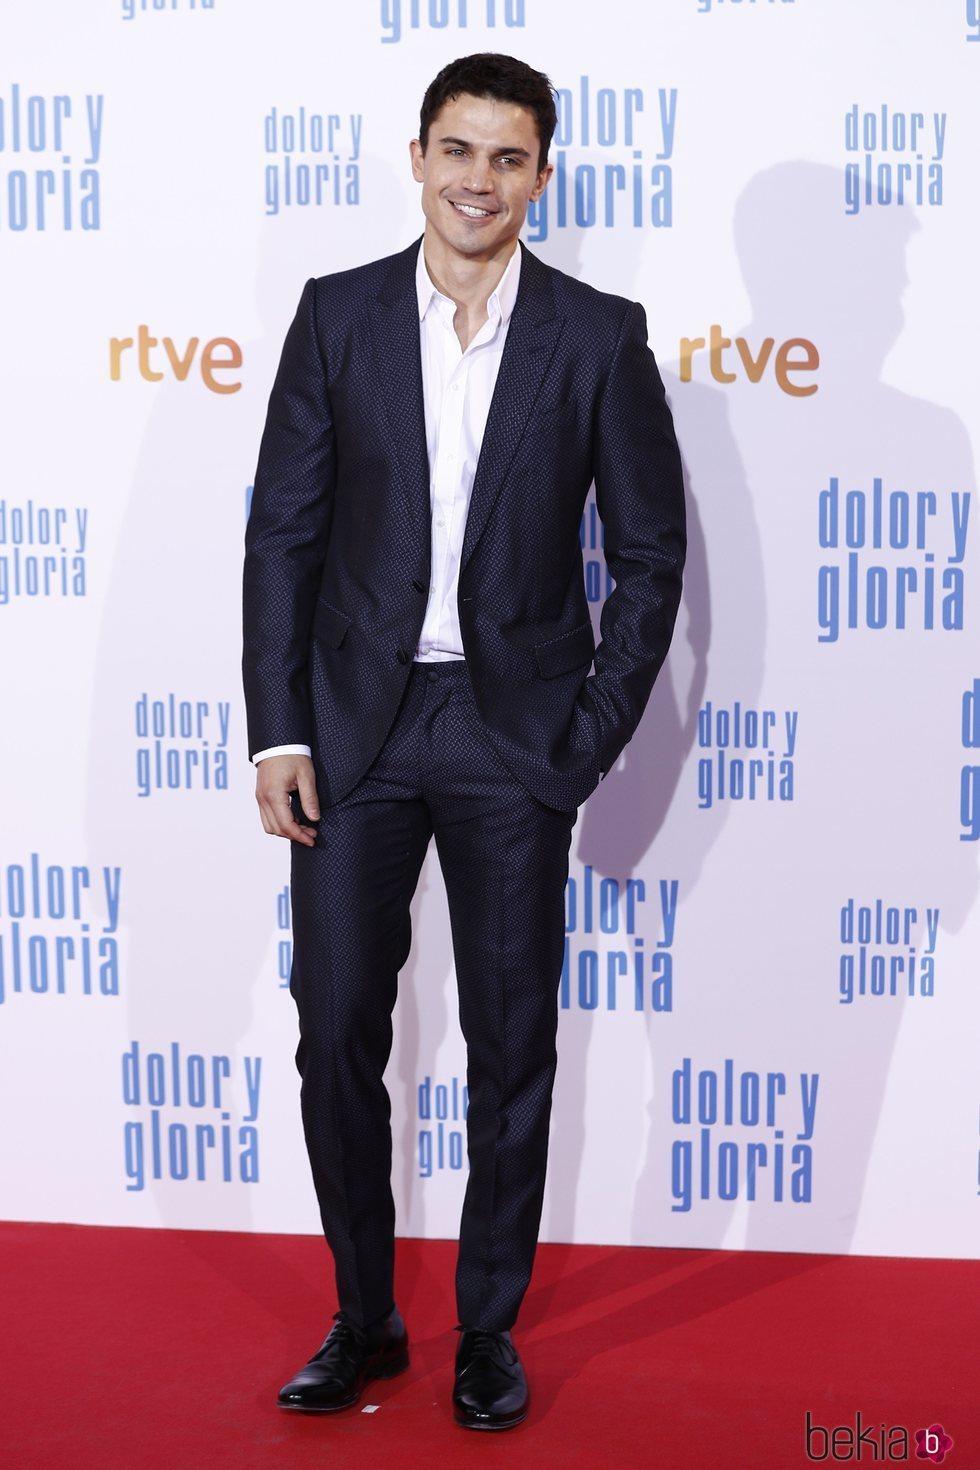 Álex González en la alfombra roja de 'Dolor y gloria'